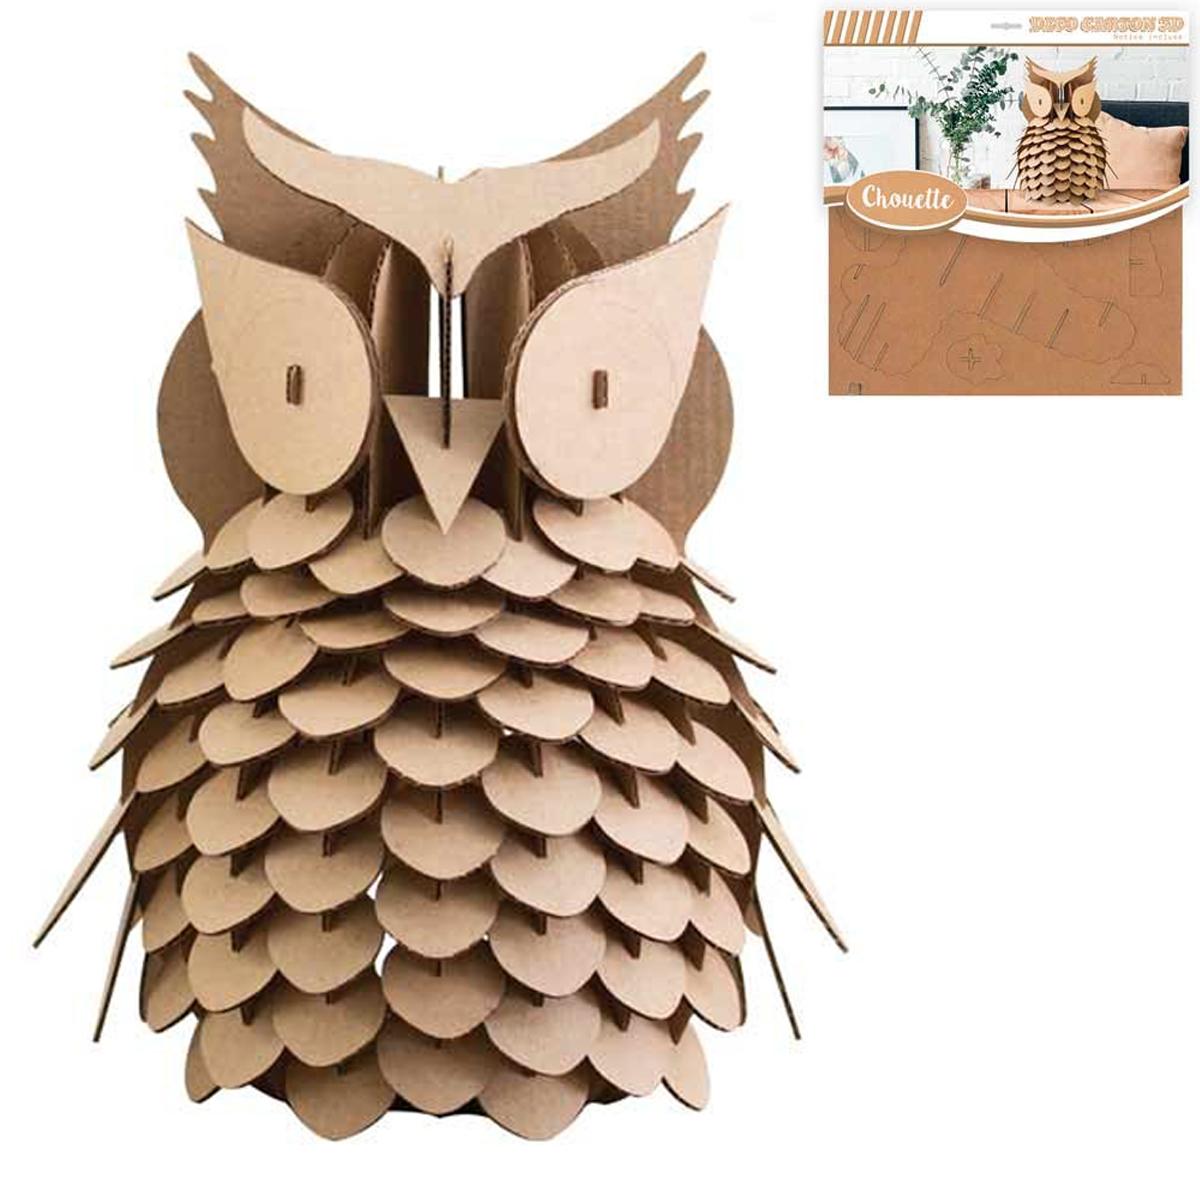 Figurine carton 3D \'Chouette\' - planches 30x305 cm - [Q3136]